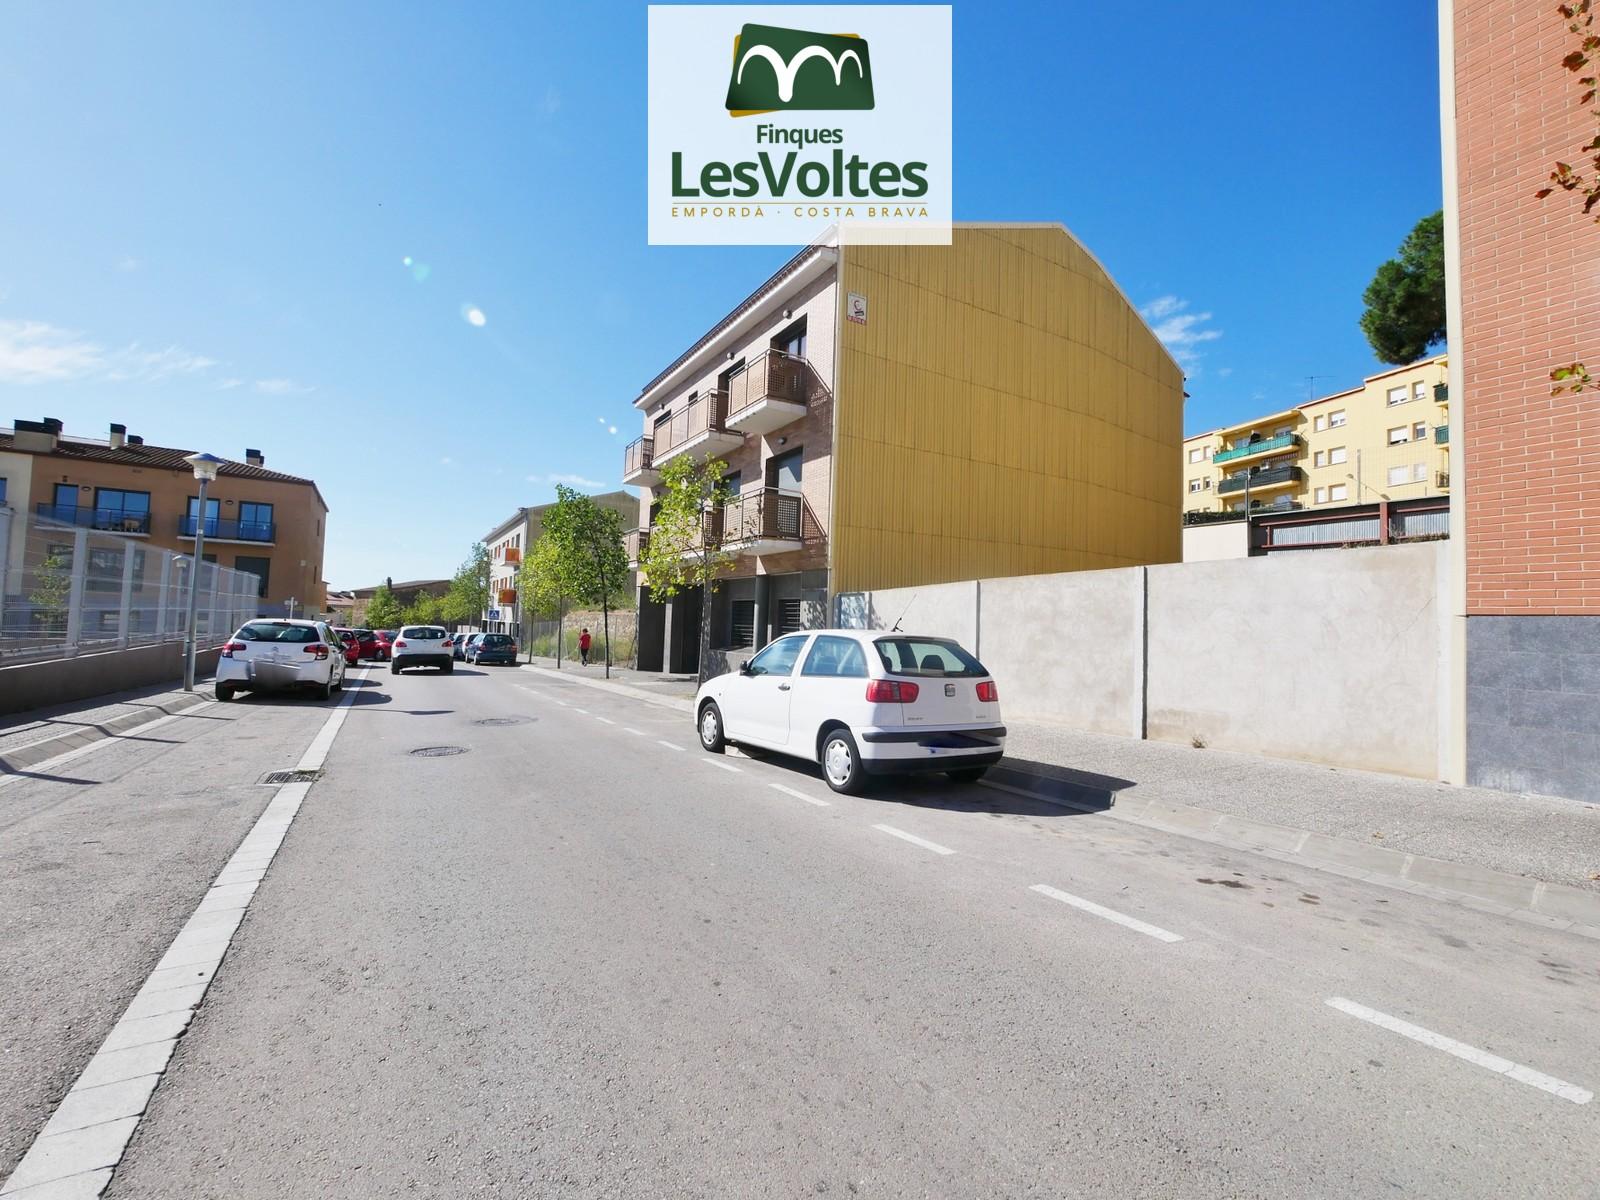 Parcel·la de 534 m2 d'entitat bancaria en venda a Palafrugell. Magnífica oportunitat!